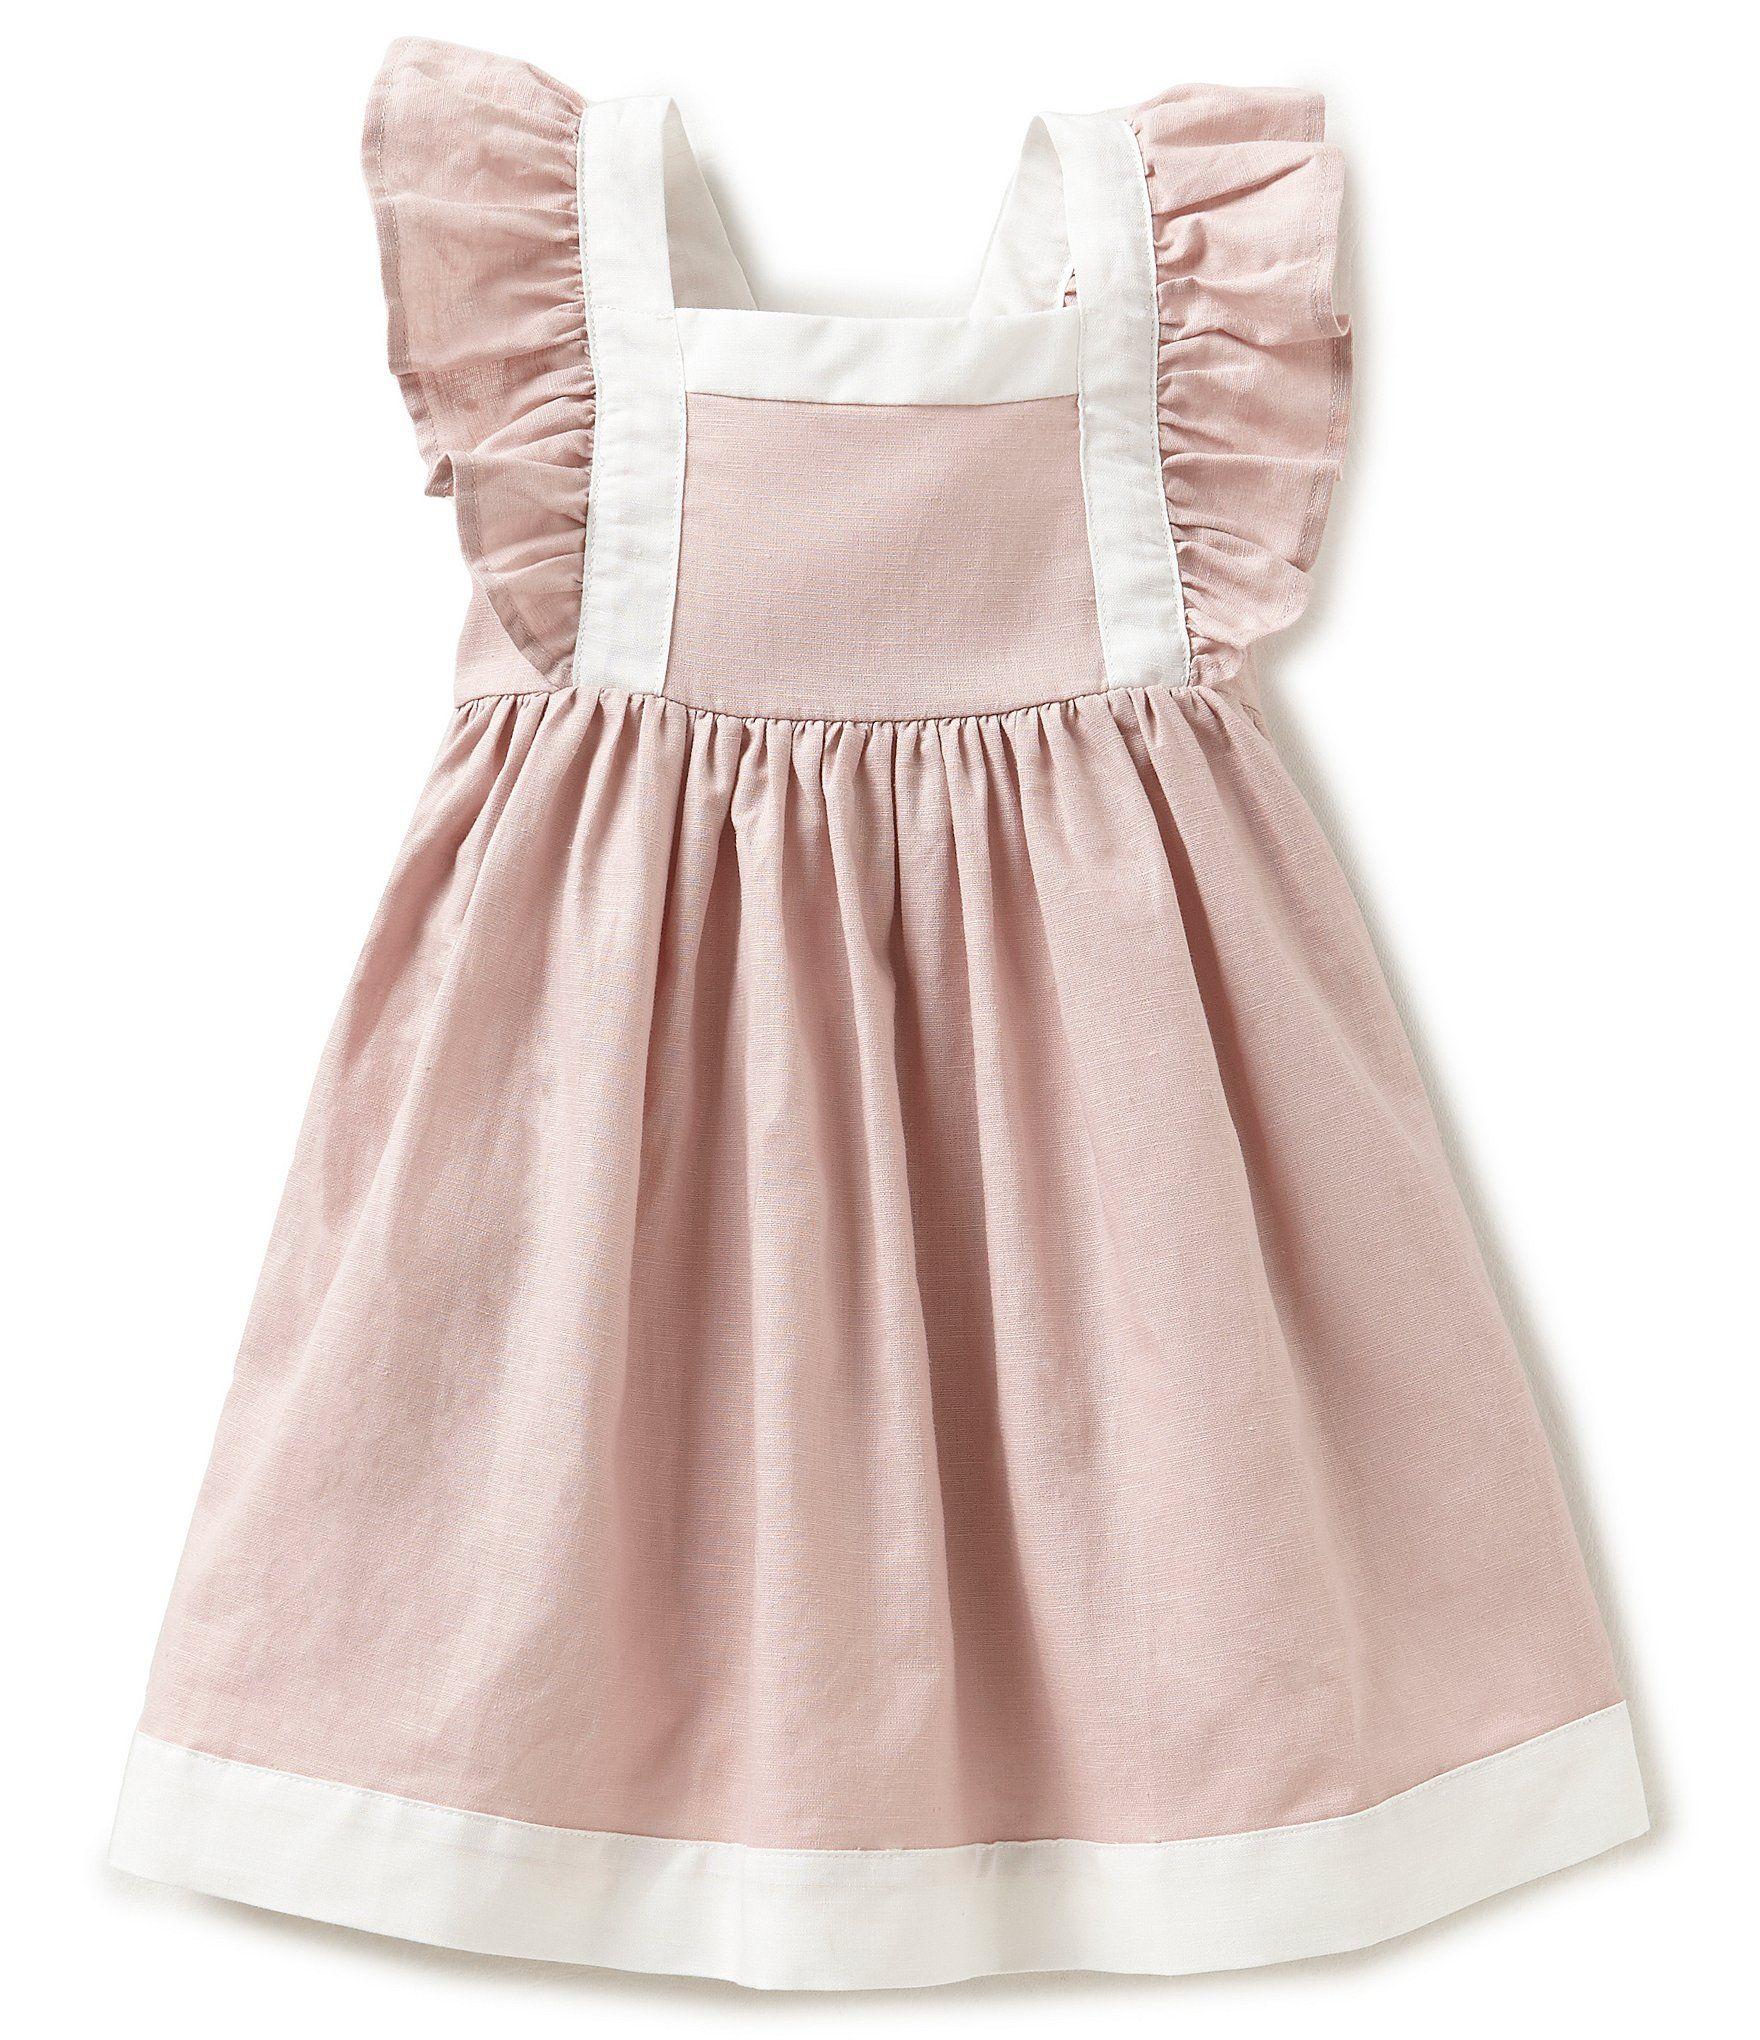 840e77c3b112 Edgehill Collection Little Girls 2T-4T Linen Flutter-Sleeve Dress ...